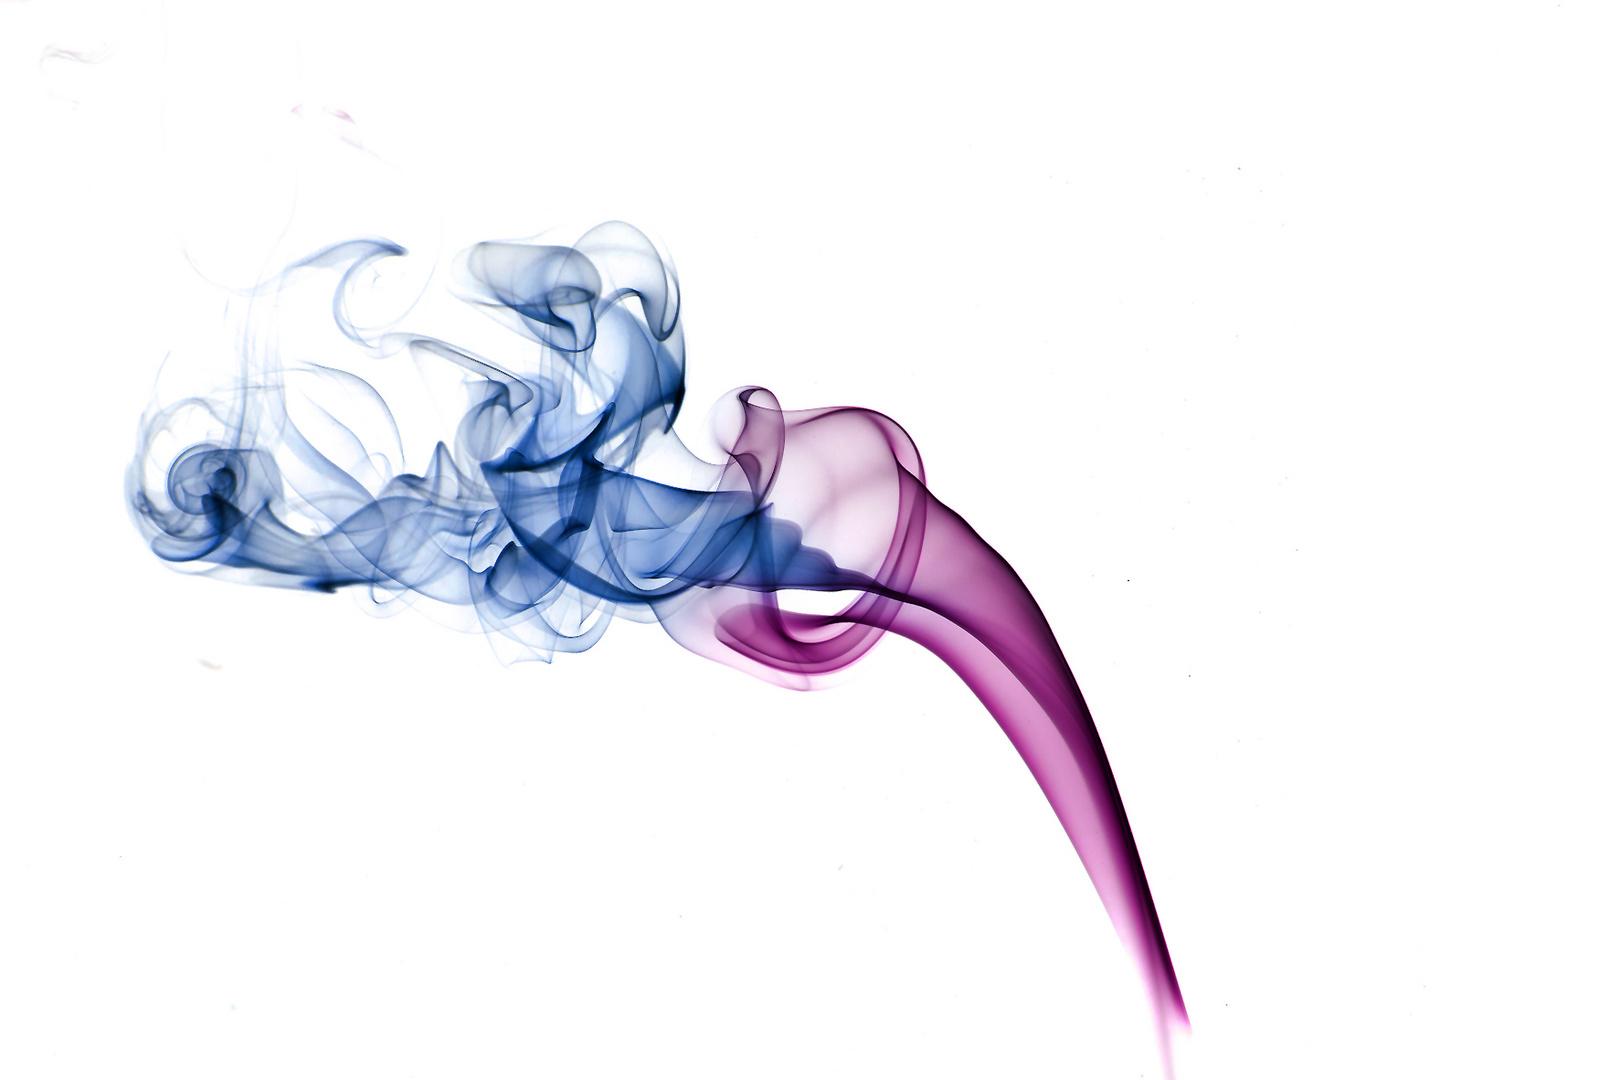 Rauch umgekehrte Farben